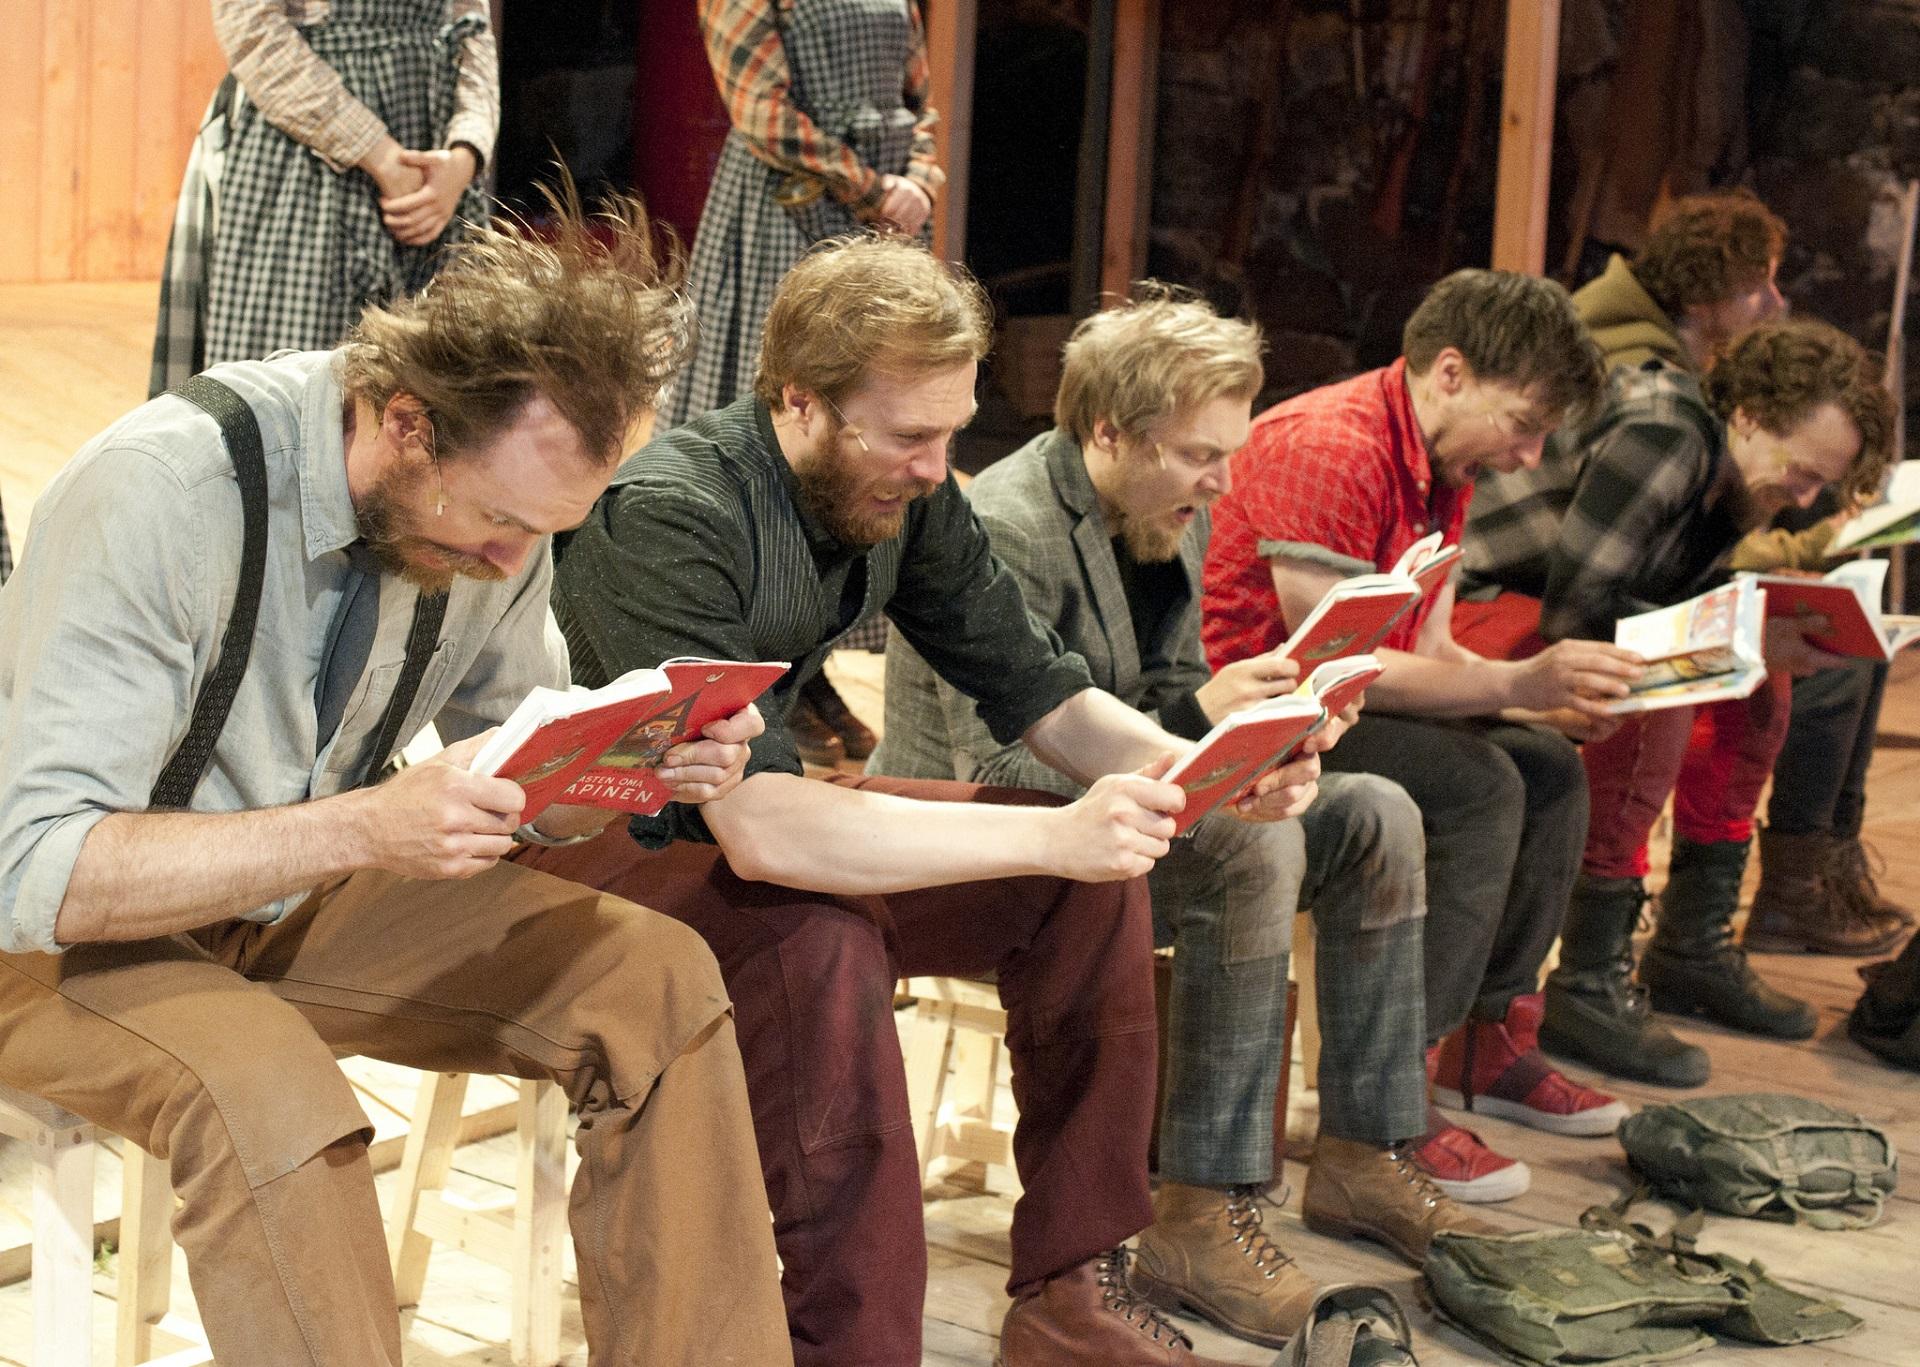 Seitsemän veljestä. Kuvassa Tommi Rantamäki, Eino Heiskanen, Eero Ojala, Mikko Virtanen, Miro Lopperi ja Elias Keränen. Kuva © Tanja Ahol